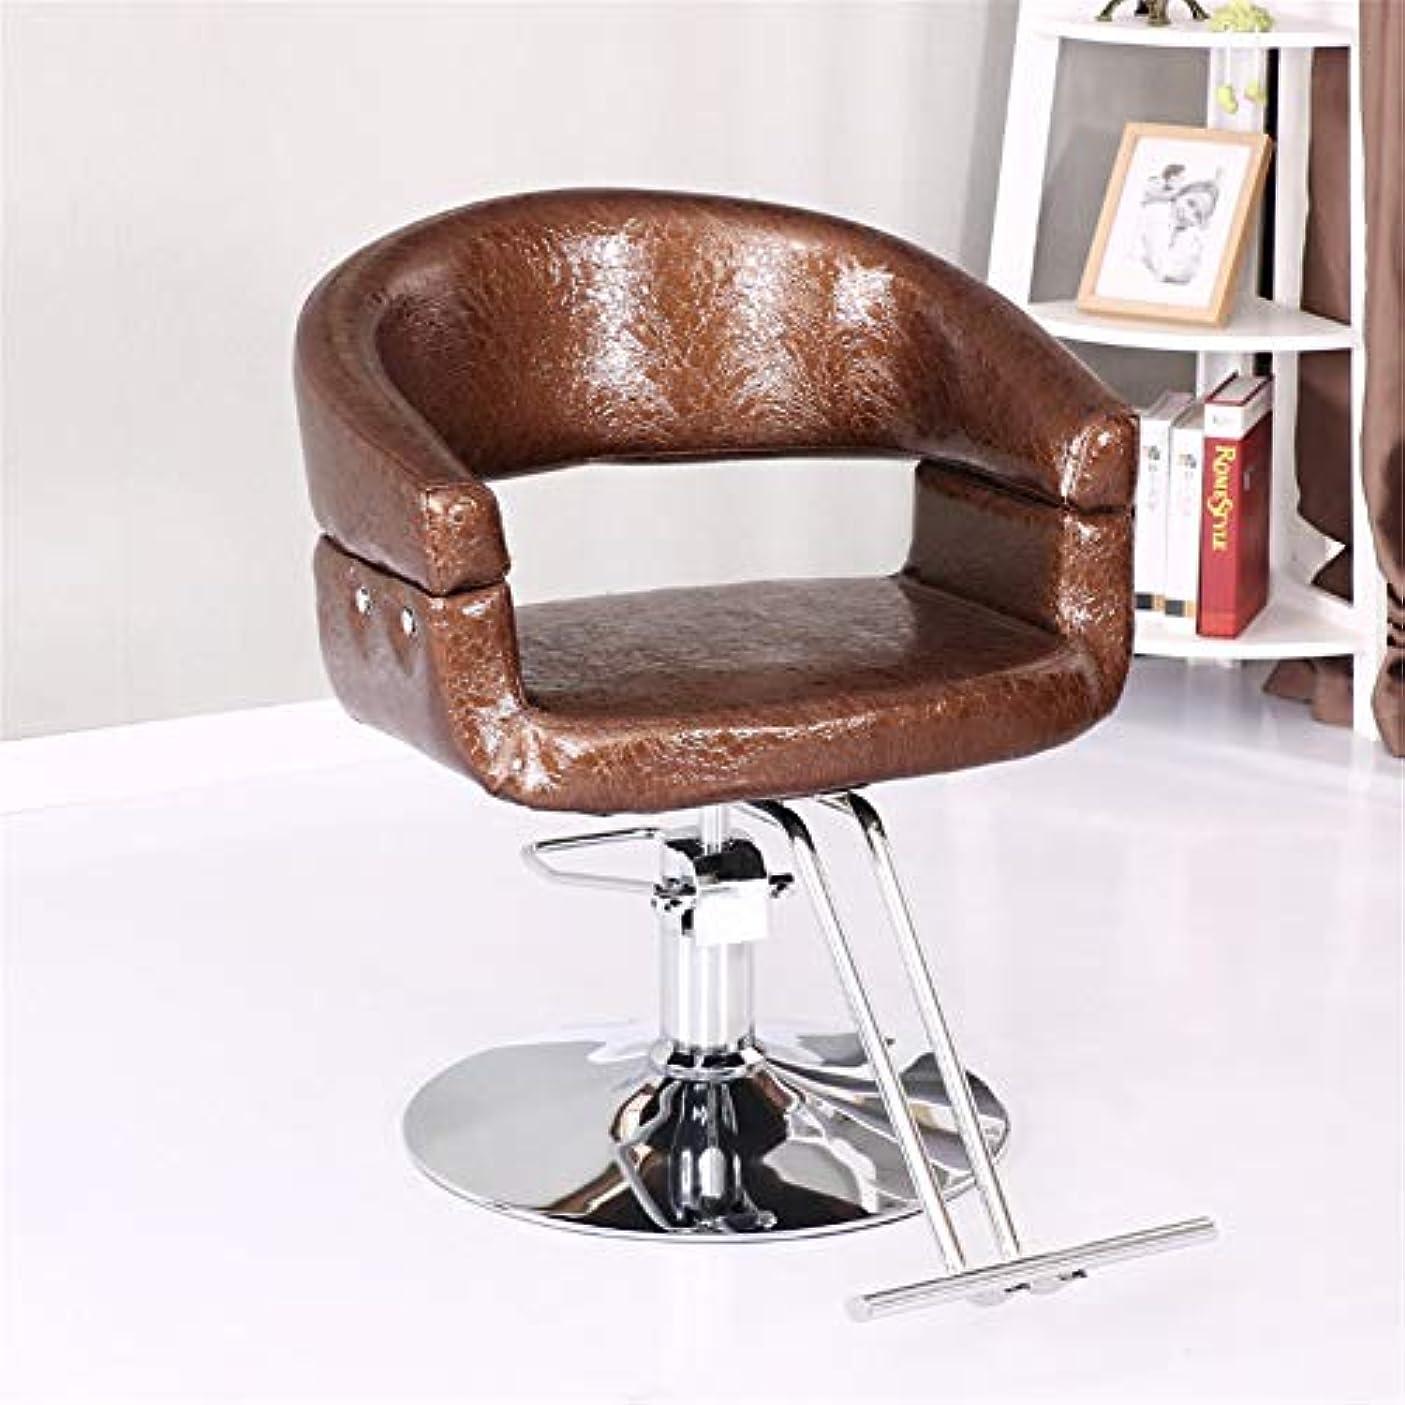 マナーシャトルロシアSalon Chair Fashion Hydraulic Barber Chair Styling Beauty Salon Equipment Round Base Stable Comfort,Brown,B